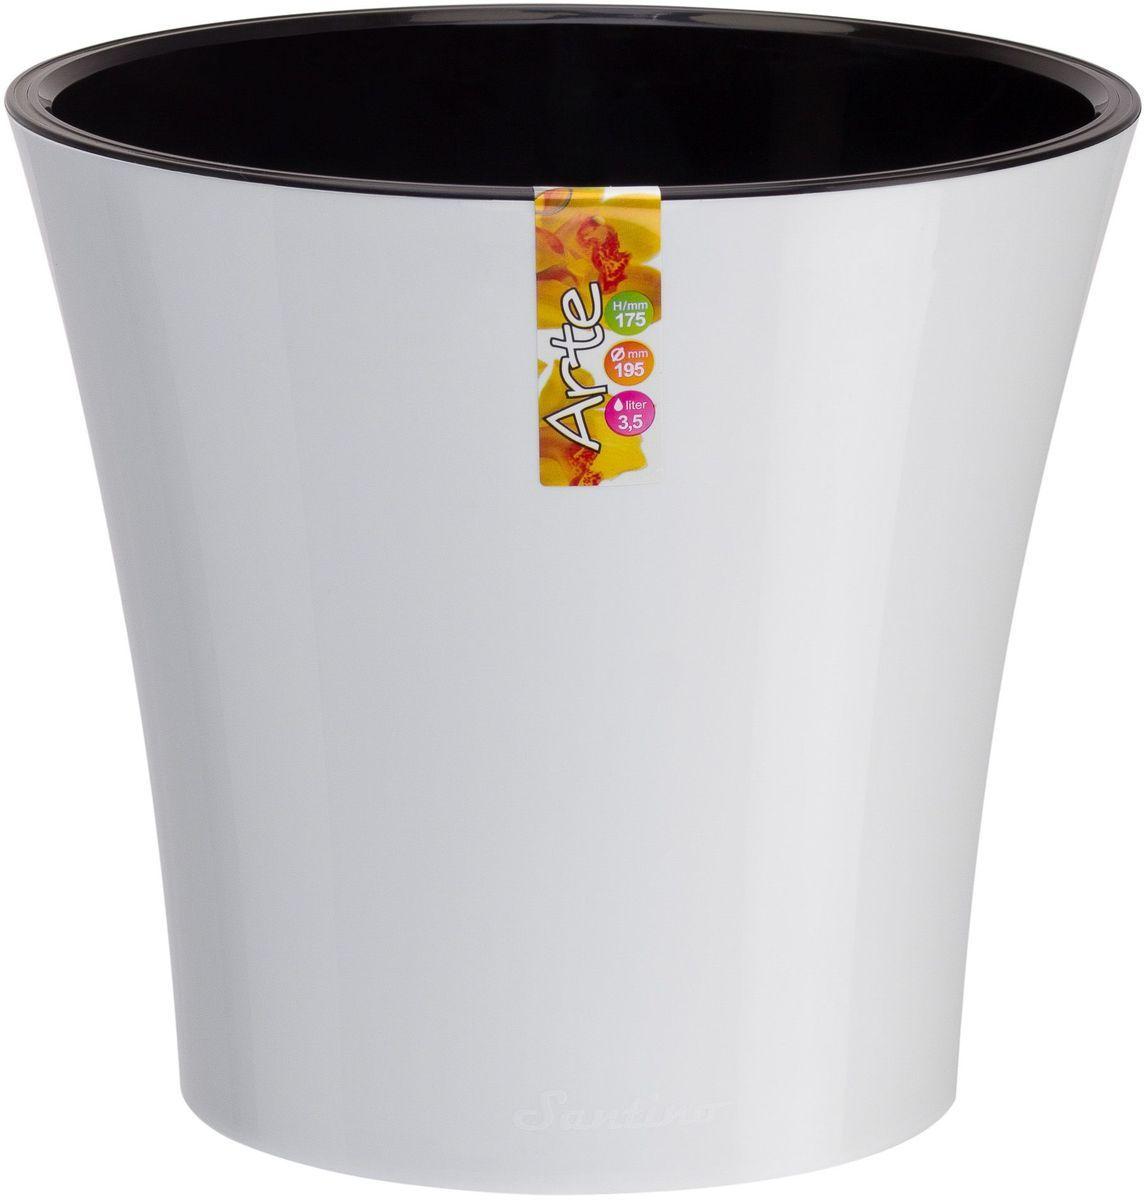 Горшок цветочный Santino Арте, двойной, с системой автополива, цвет: белый, черный, 3,5 лАРТ 3,5 Б-ЧЛюбой, даже самый современный и продуманный интерьер будет незавершённым без растений. Они не только очищают воздух и насыщают его кислородом, но и украшают окружающее пространство. Такому полезному члену семьи просто необходим красивый и функциональный дом! Мы предлагаем #name#! Оптимальный выбор материала — пластмасса! Почему мы так считаем?Малый вес. С лёгкостью переносите горшки и кашпо с места на место, ставьте их на столики или полки, не беспокоясь о нагрузке. Простота ухода. Кашпо не нуждается в специальных условиях хранения. Его легко чистить — достаточно просто сполоснуть тёплой водой. Никаких потёртостей. Такие кашпо не царапают и не загрязняют поверхности, на которых стоят. Пластик дольше хранит влагу, а значит, растение реже нуждается в поливе. Пластмасса не пропускает воздух — корневой системе растения не грозят резкие перепады температур. Огромный выбор форм, декора и расцветок — вы без труда найдёте что-то, что идеально впишется в уже существующий интерьер. Соблюдая нехитрые правила ухода, вы можете заметно продлить срок службы горшков и кашпо из пластика:всегда учитывайте размер кроны и корневой системы (при разрастании большое растение способно повредить маленький горшок)берегите изделие от воздействия прямых солнечных лучей, чтобы горшки не выцветалидержите кашпо из пластика подальше от нагревающихся поверхностей. Создавайте прекрасные цветочные композиции, выращивайте рассаду или необычные растения.